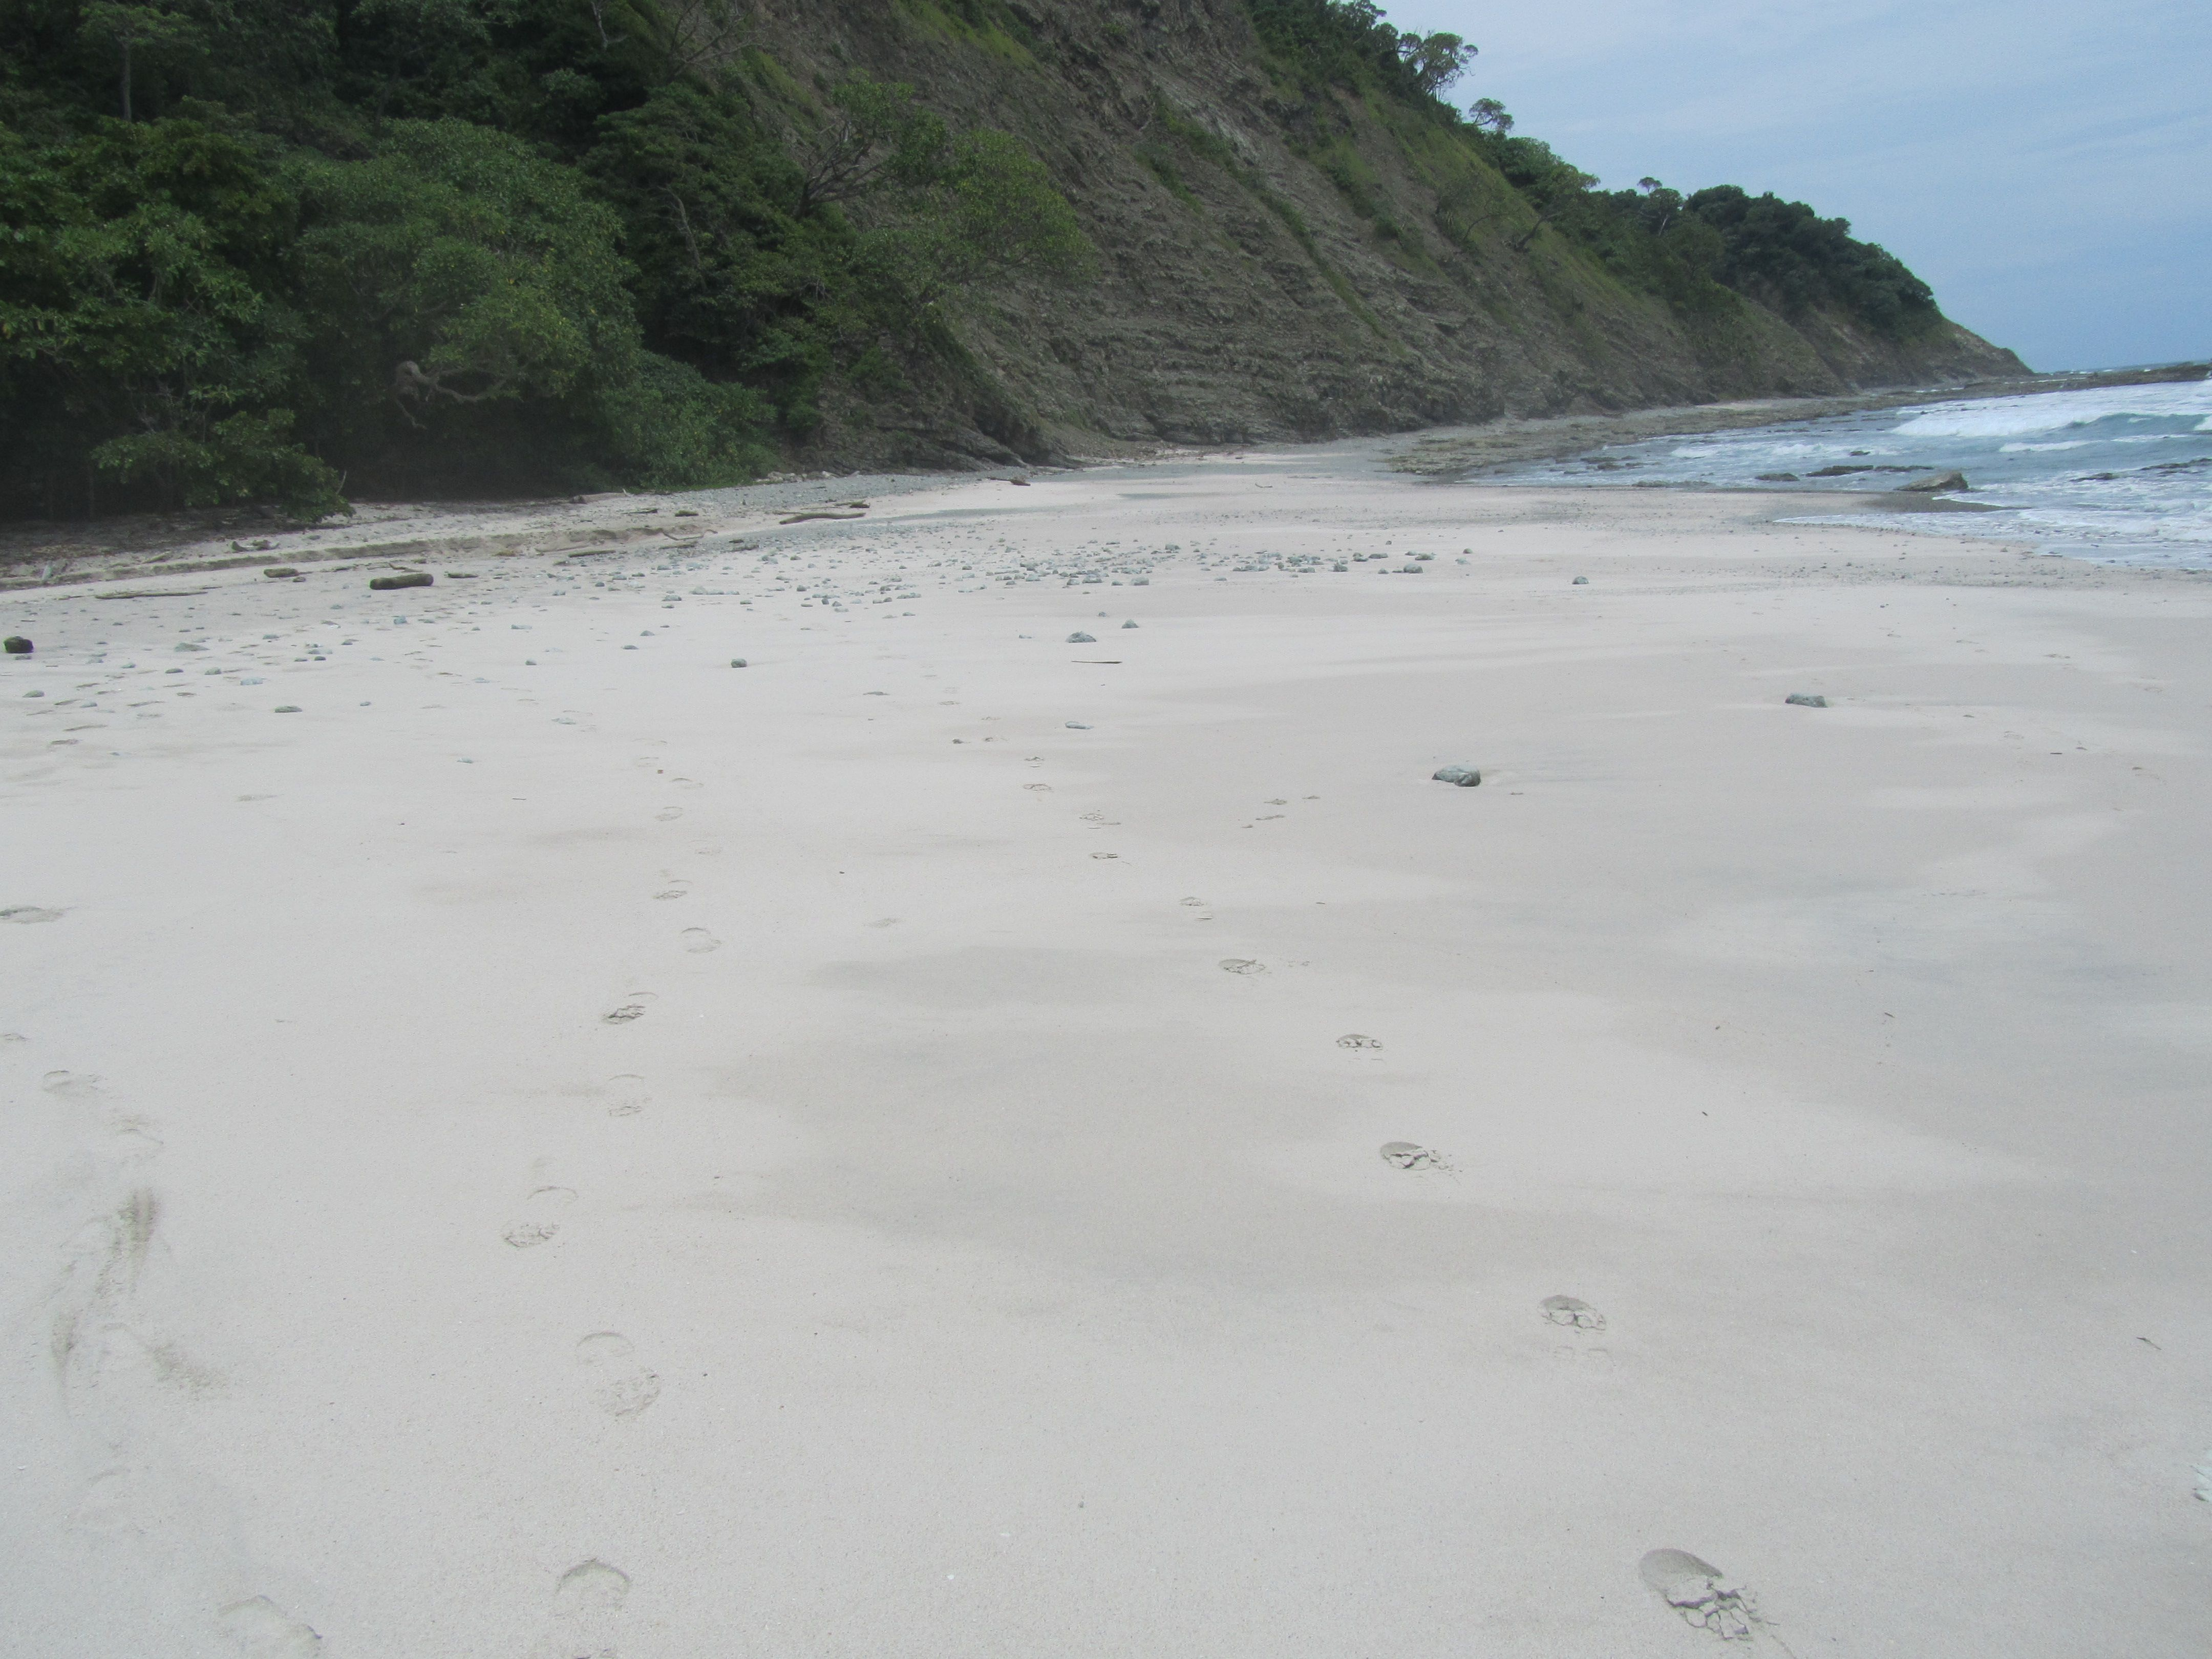 beach Costa Rica near Hotel Costa Rica Samara Paraiso del Cocodrilo